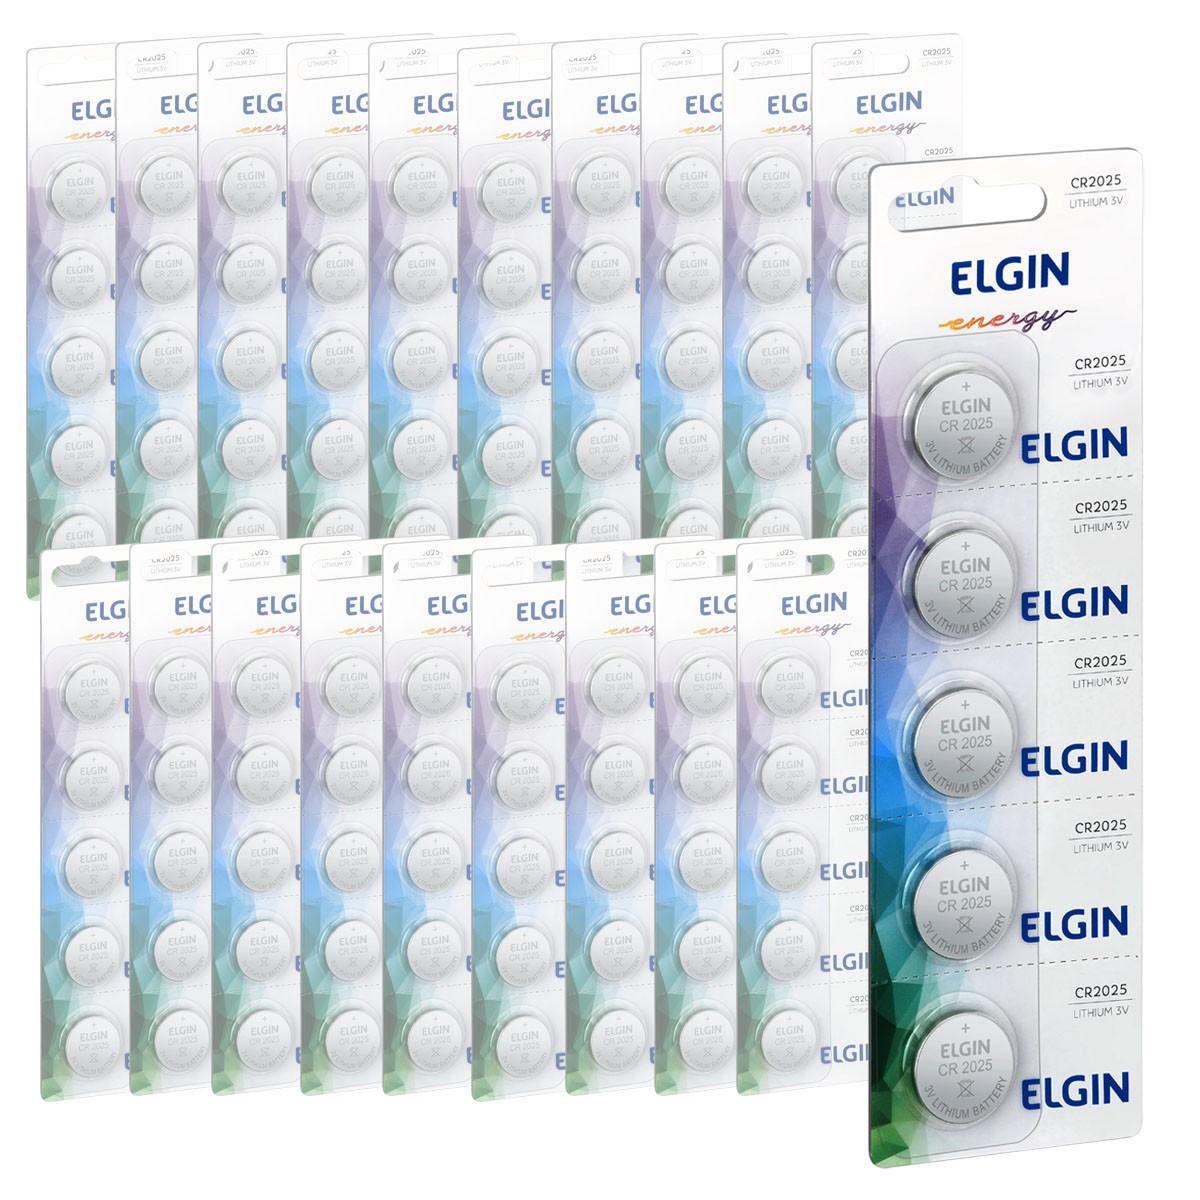 500 Baterias Pilhas Lithium 3V Elgin CR2025 100 cartela